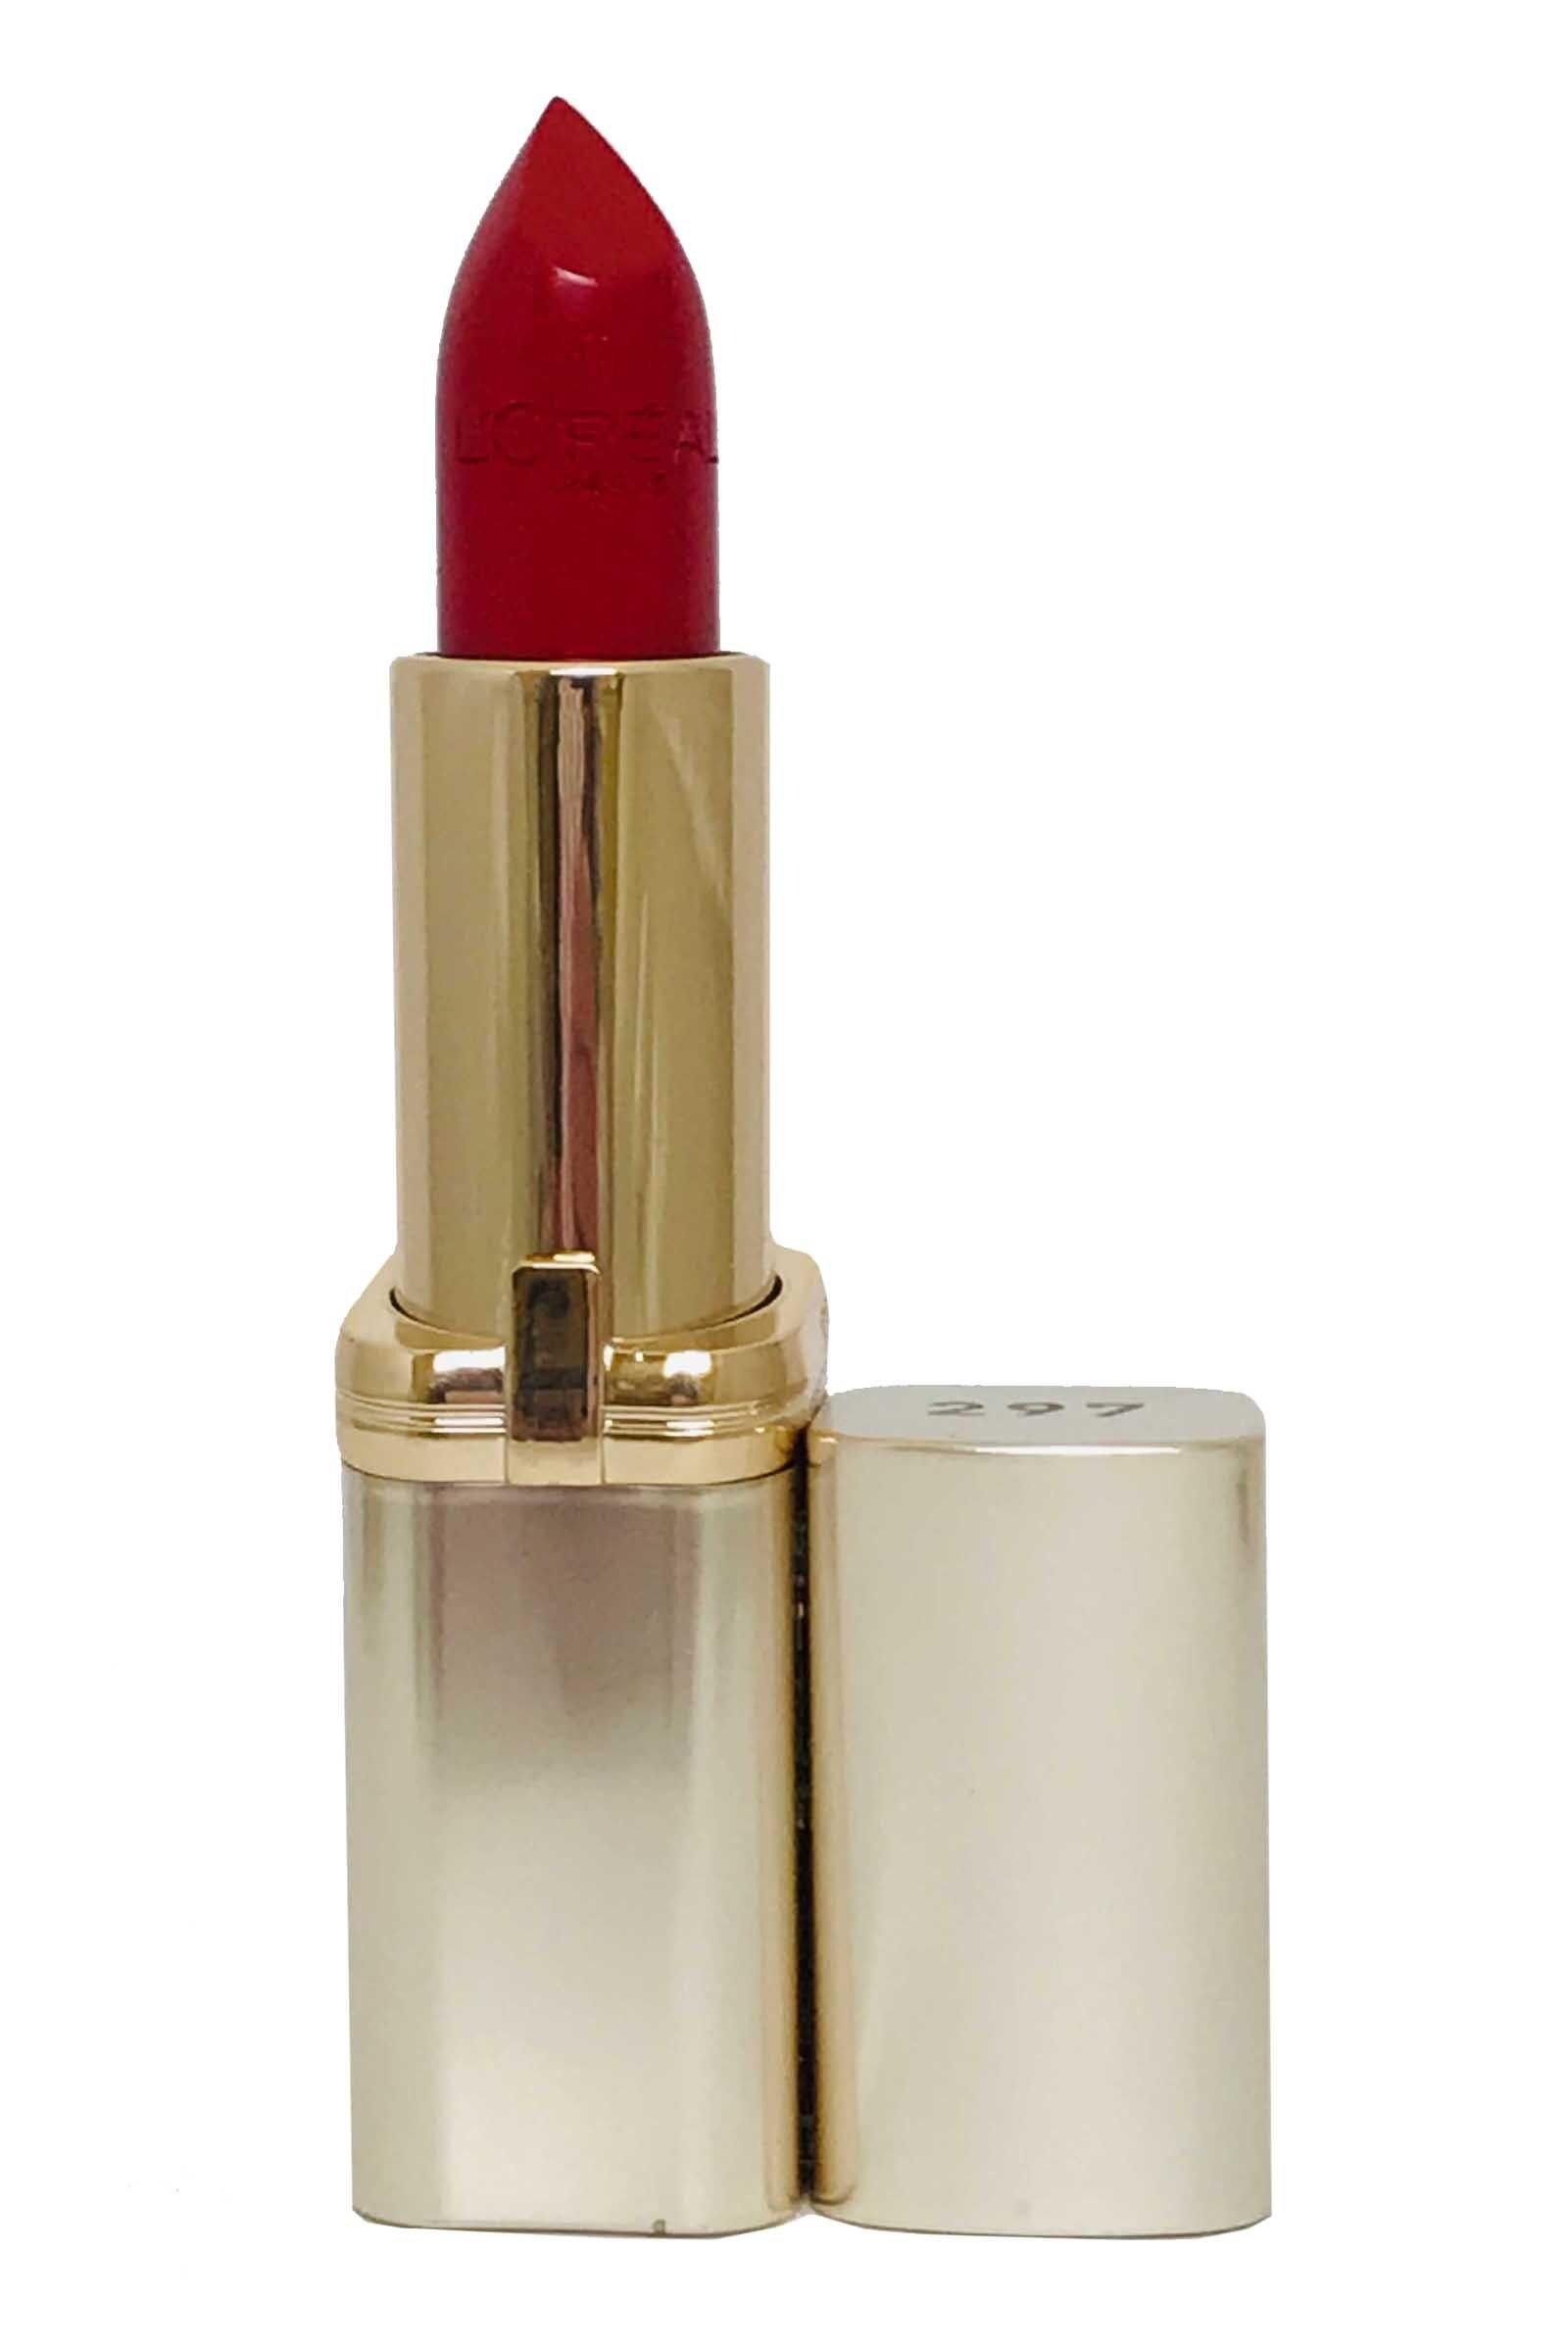 L Oreal Color Riche Lipstick Red Passion #297